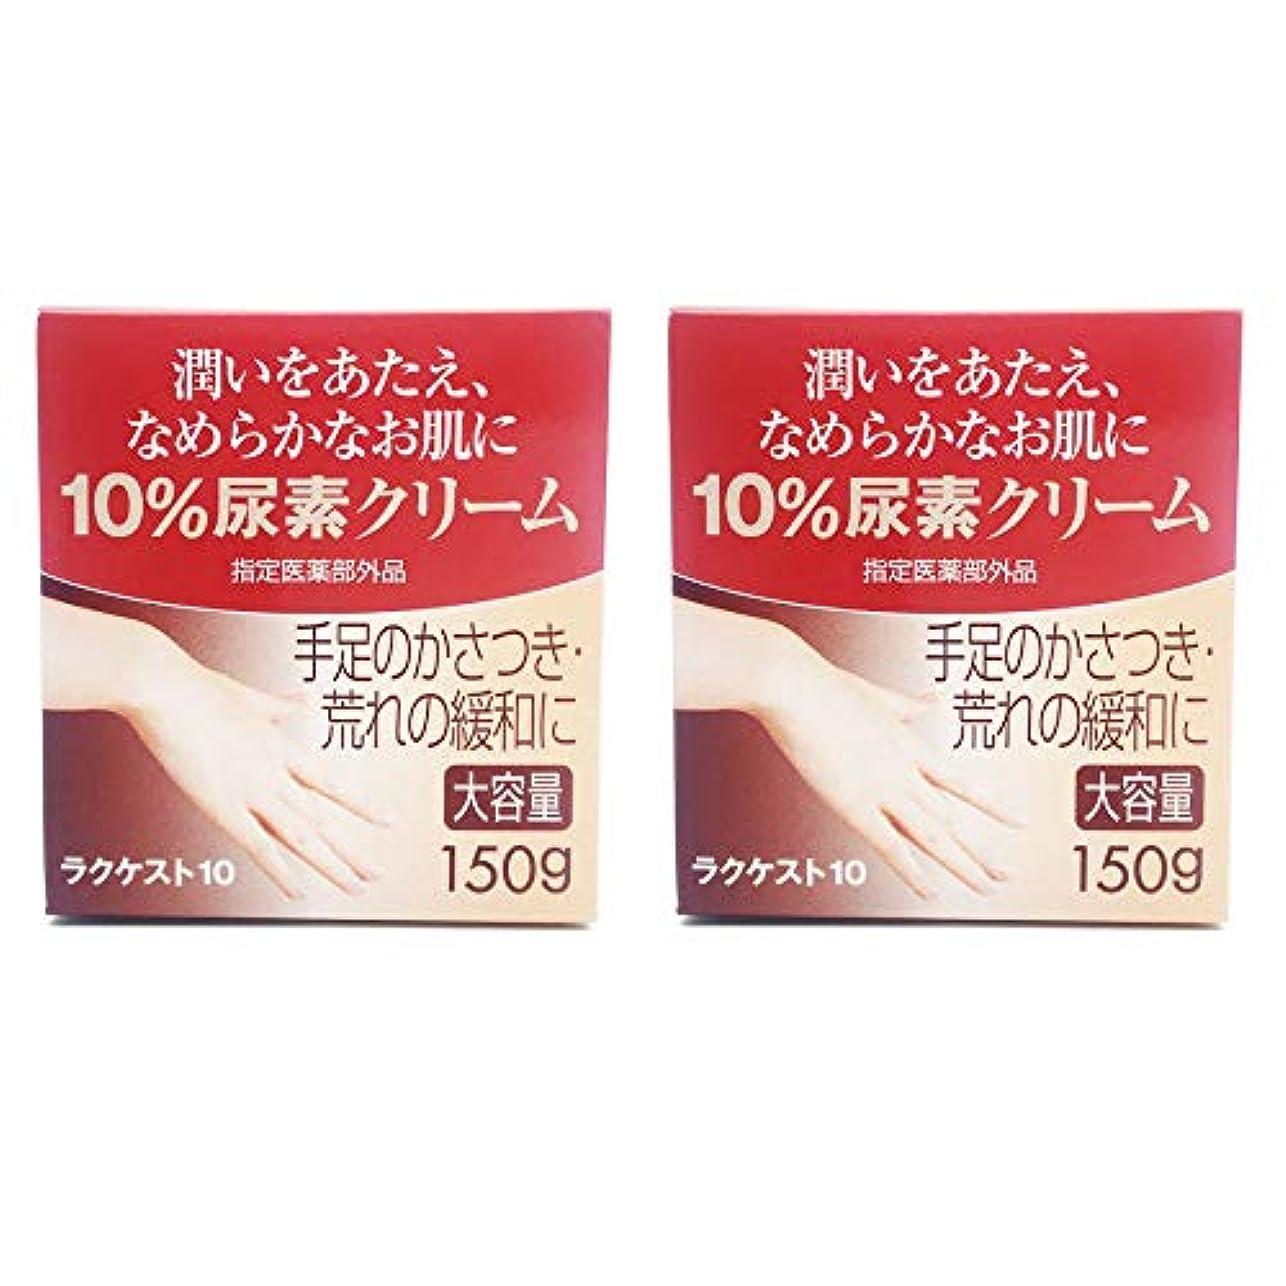 トムオードリースサンドイッチドラフト尿素10%クリーム 大容量300g(150g×2箱セット) ヒアルロン酸 保湿 手荒れ かさつき urea cream